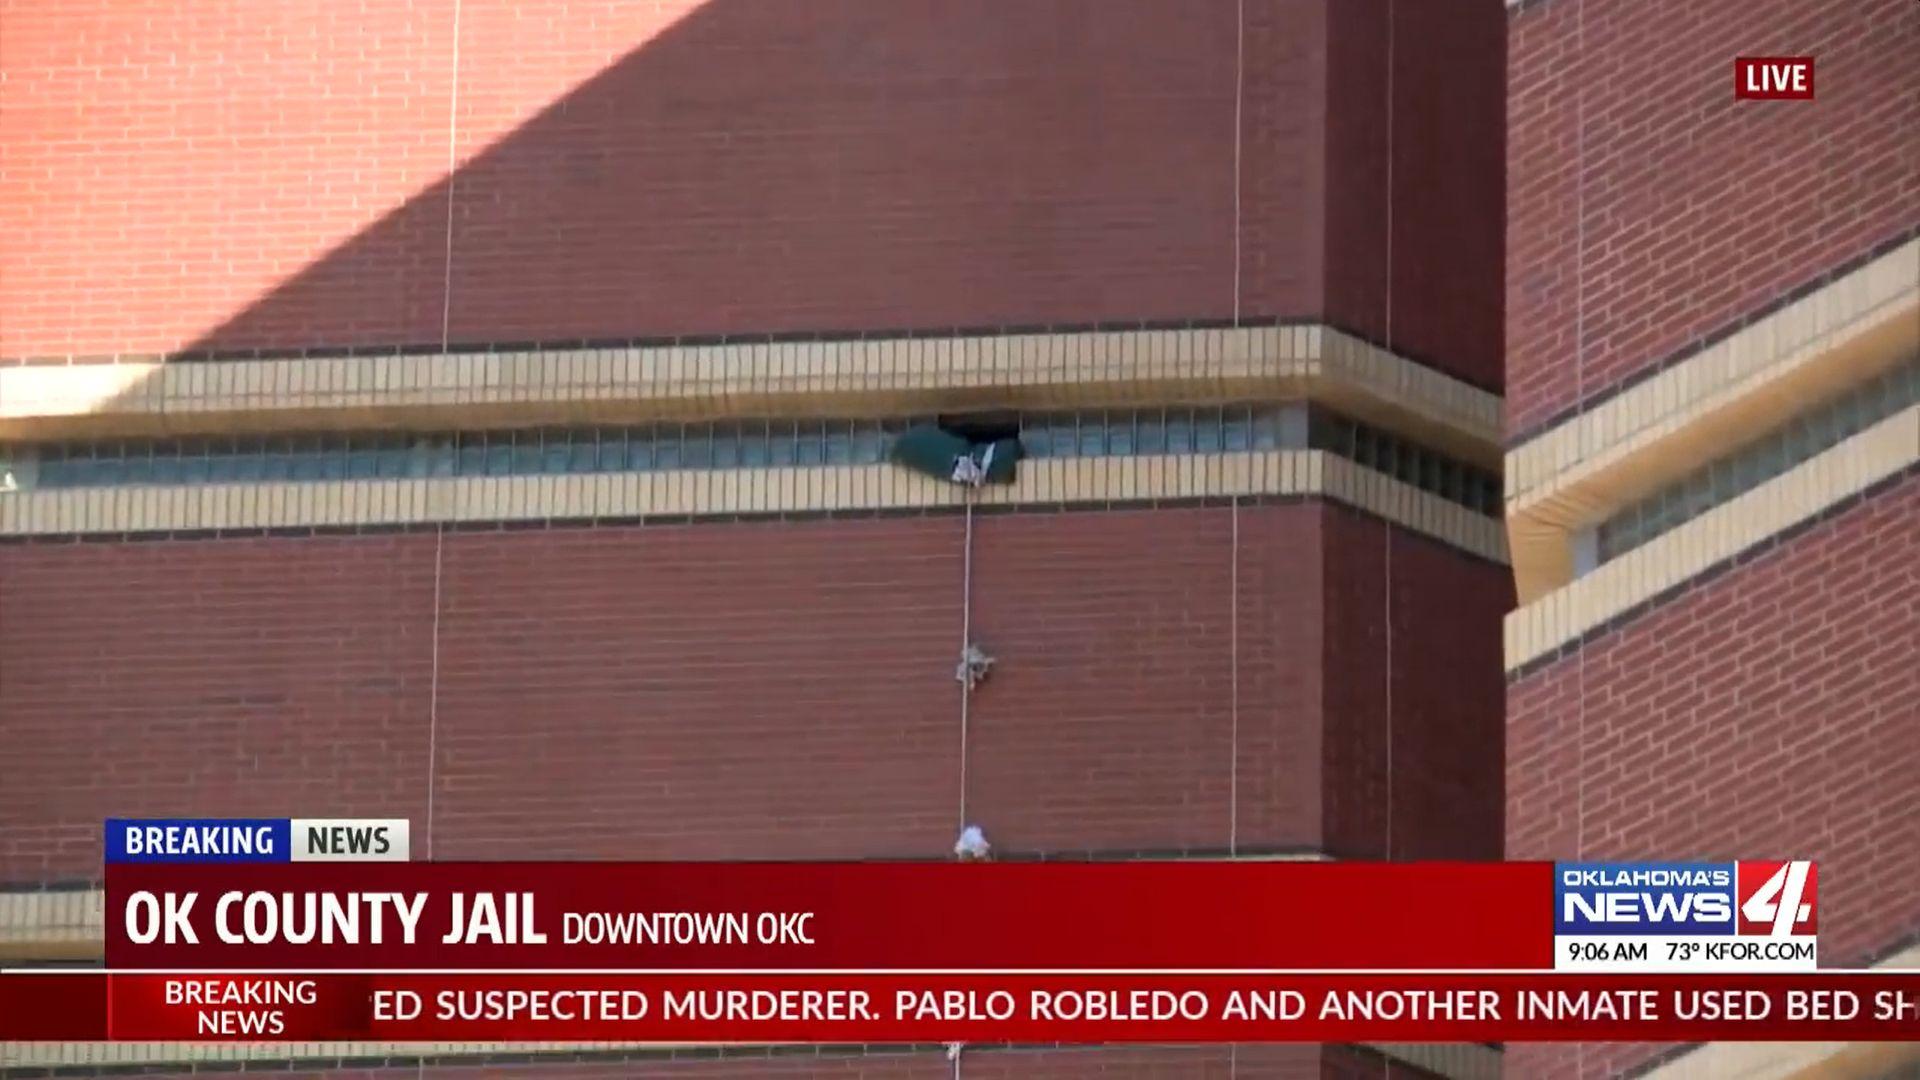 Egy gyilkossággal gyanúsított férfi összekötött lepedőkkel szökött meg egy oklahomai börtön 12. emeleti cellájából